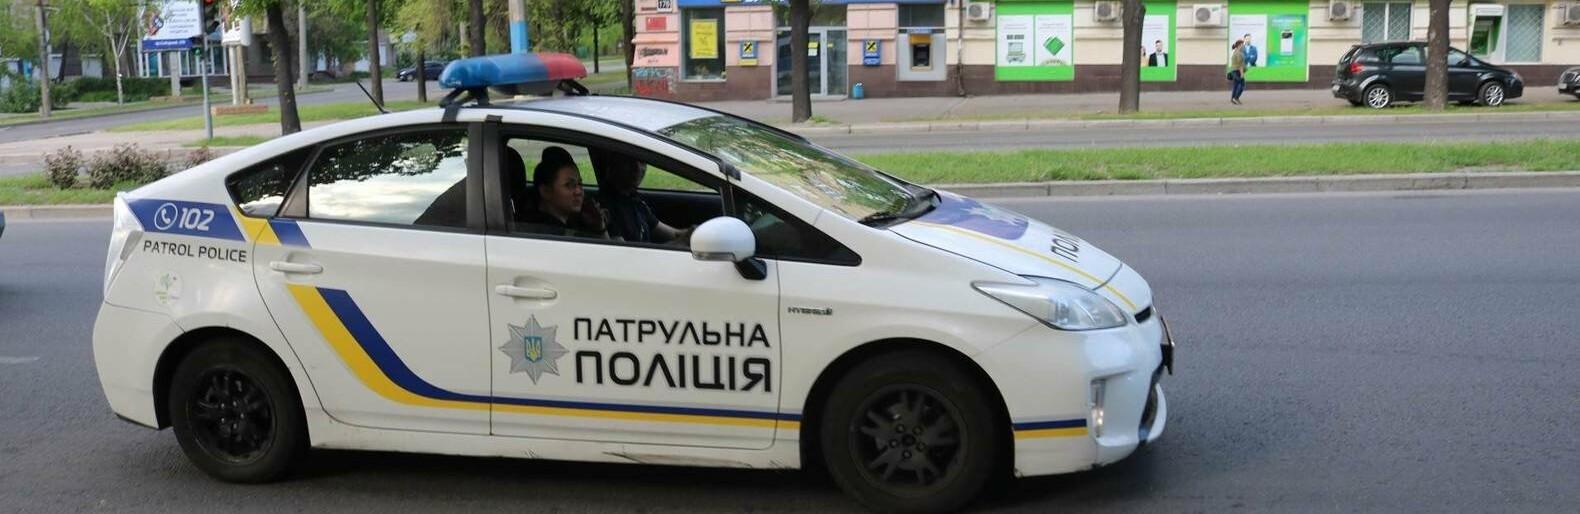 В Одесской области в 2020 году в ДТП погибли 200 человек0